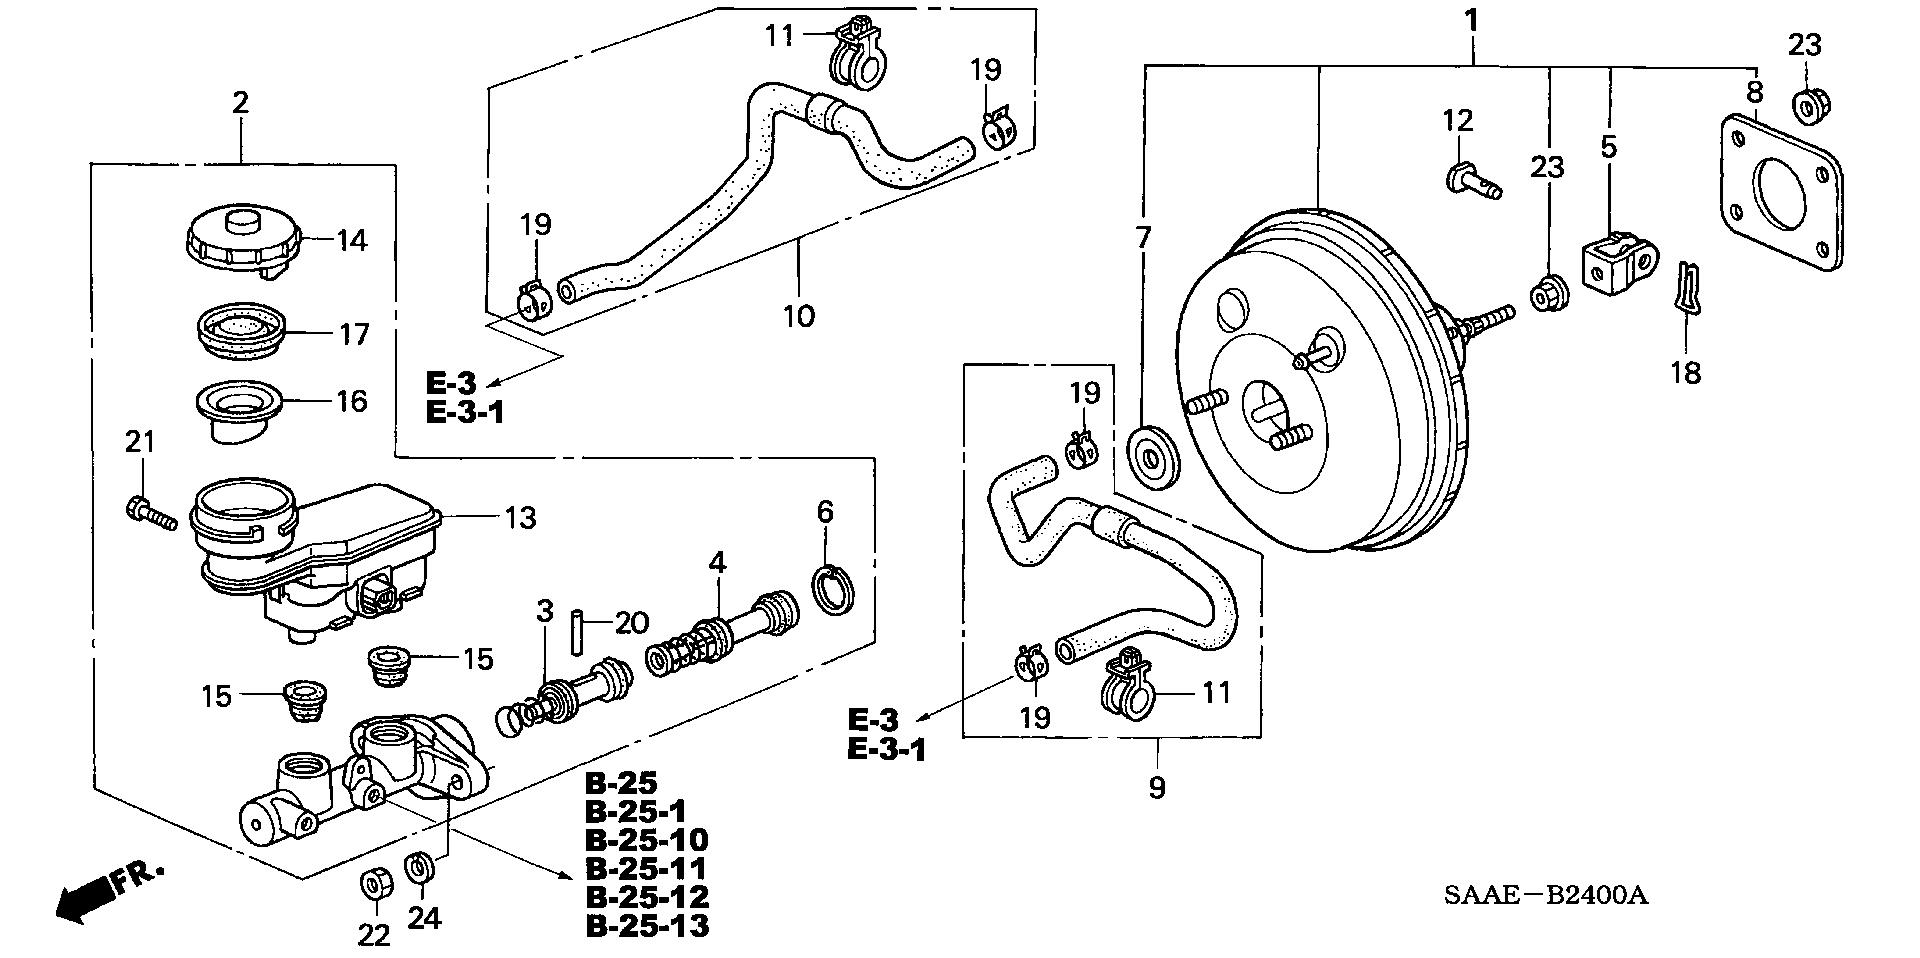 GENUINE HONDA OEM MASTER CYLINDER GASKET 46191-S2K-000